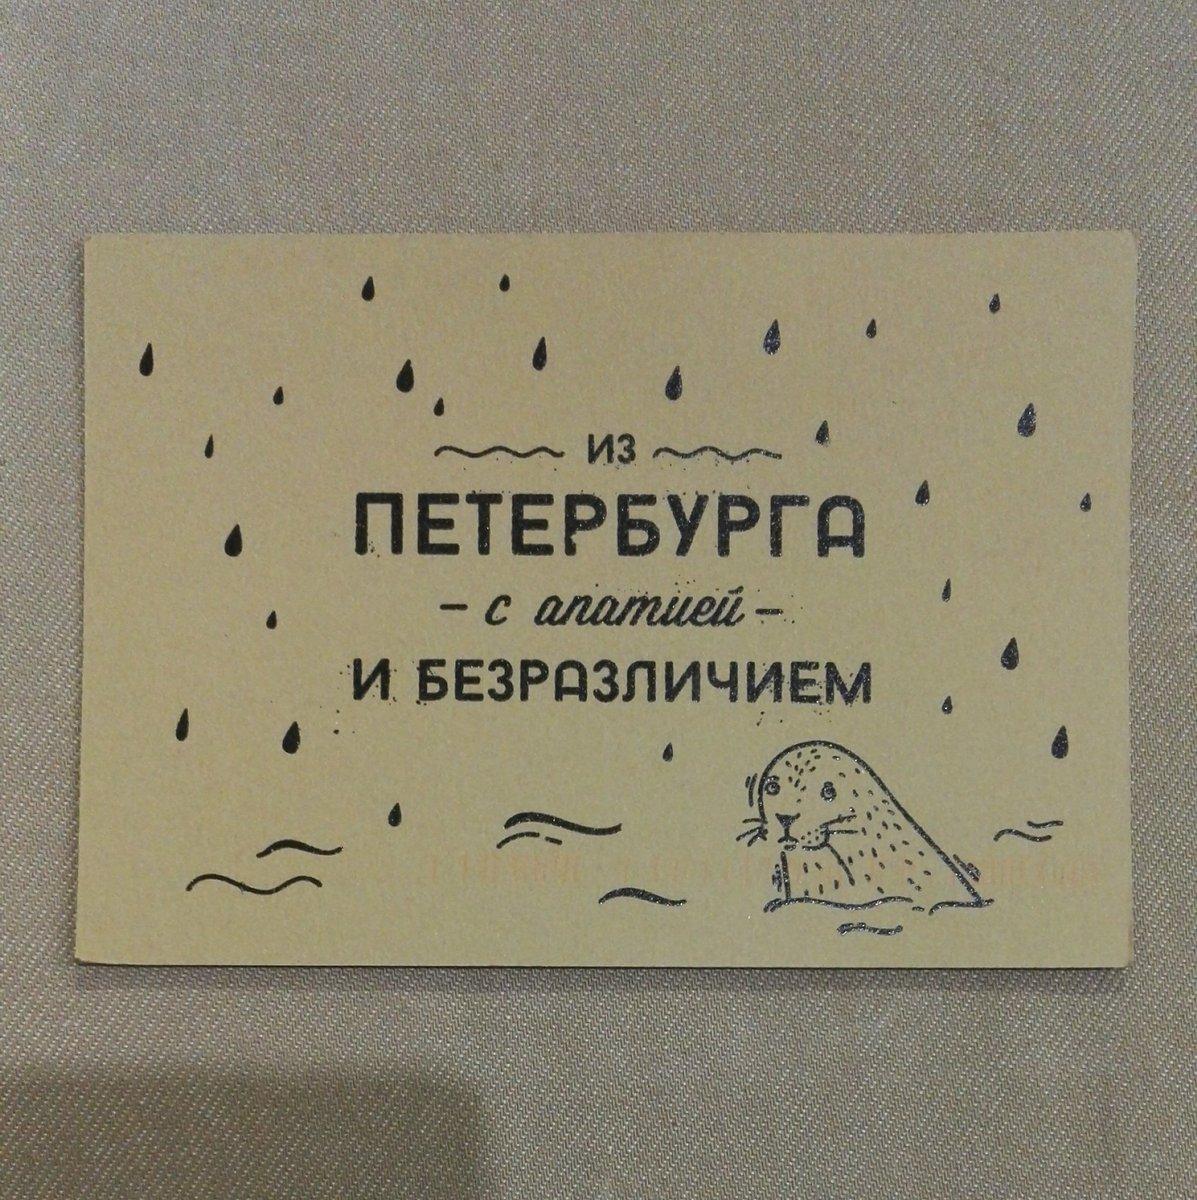 Из петербурга с апатией и безразличием открытки